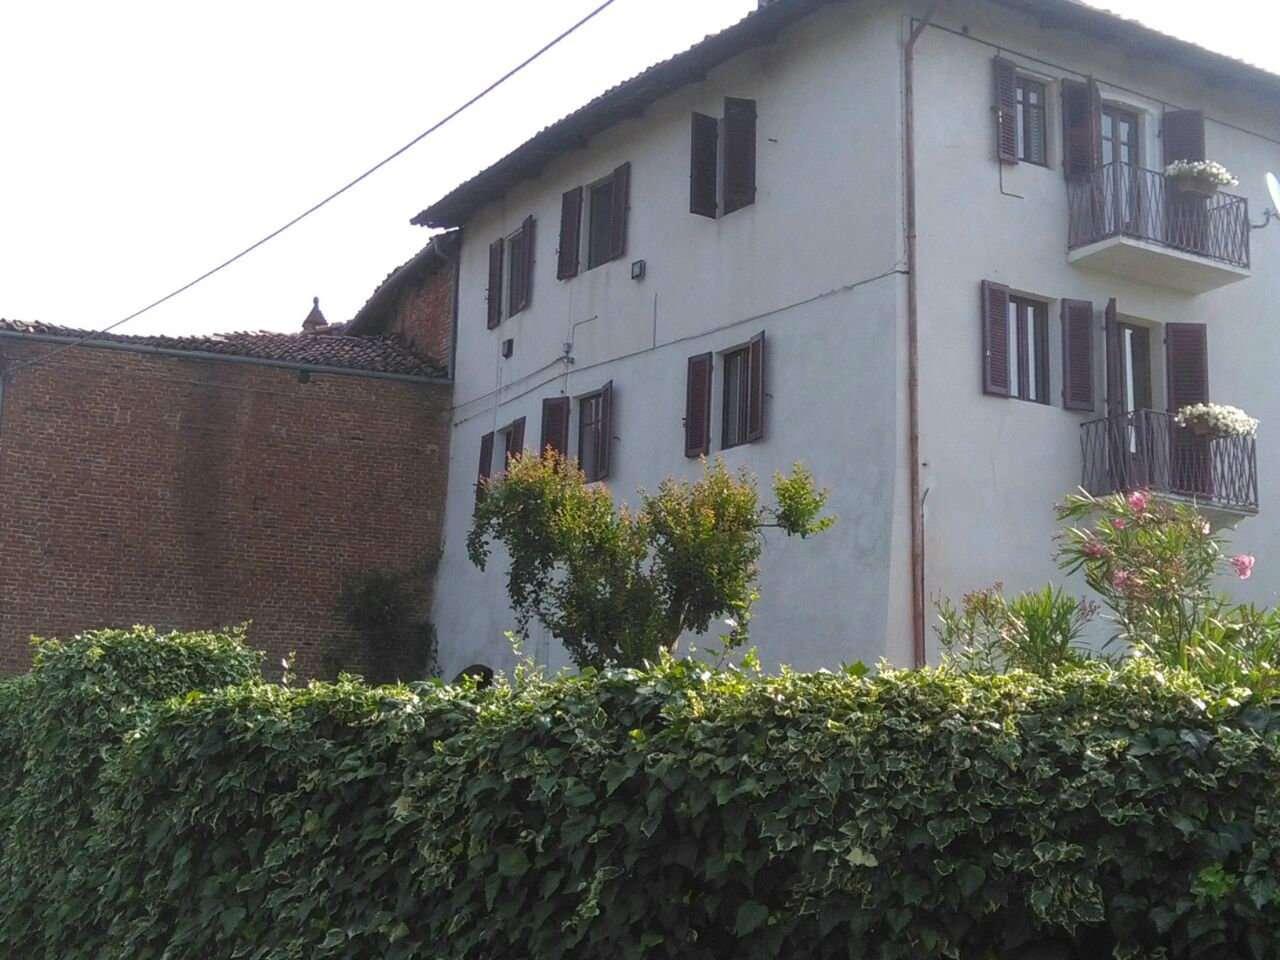 Palazzo / Stabile in vendita a Viale, 14 locali, prezzo € 199.000 | CambioCasa.it